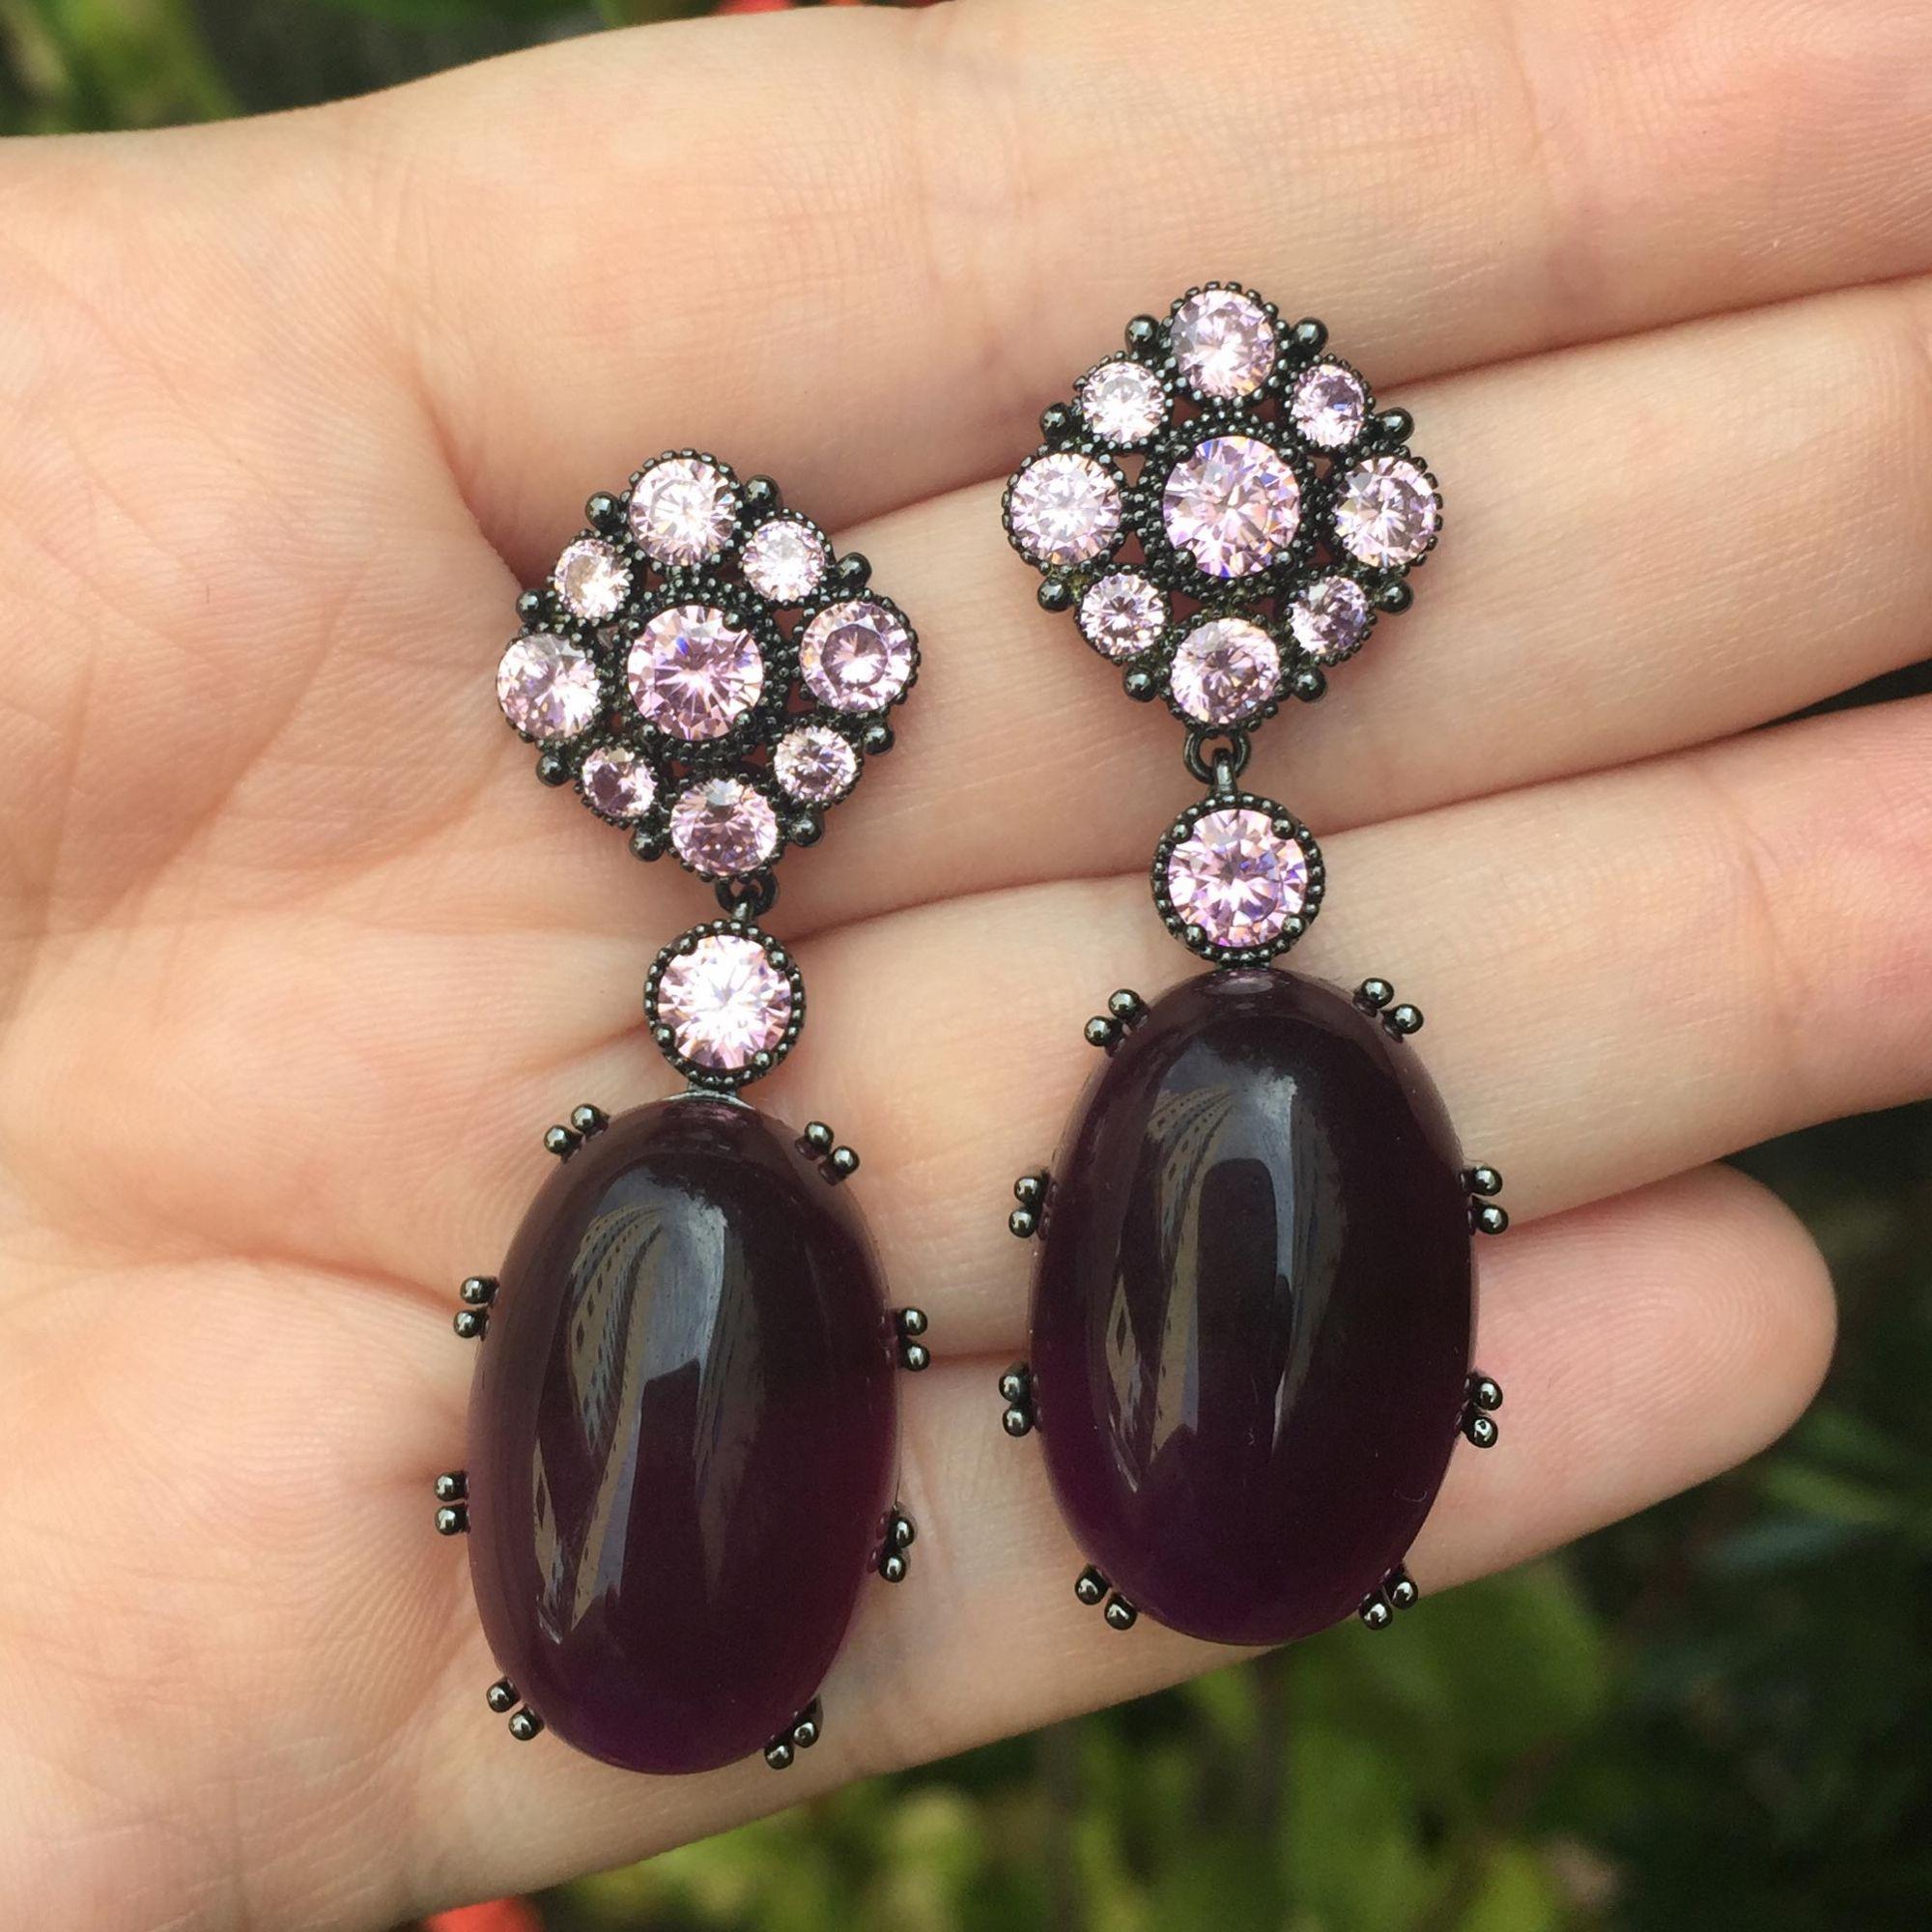 Brinco banhado a ródio negro com cristais rosa e roxo